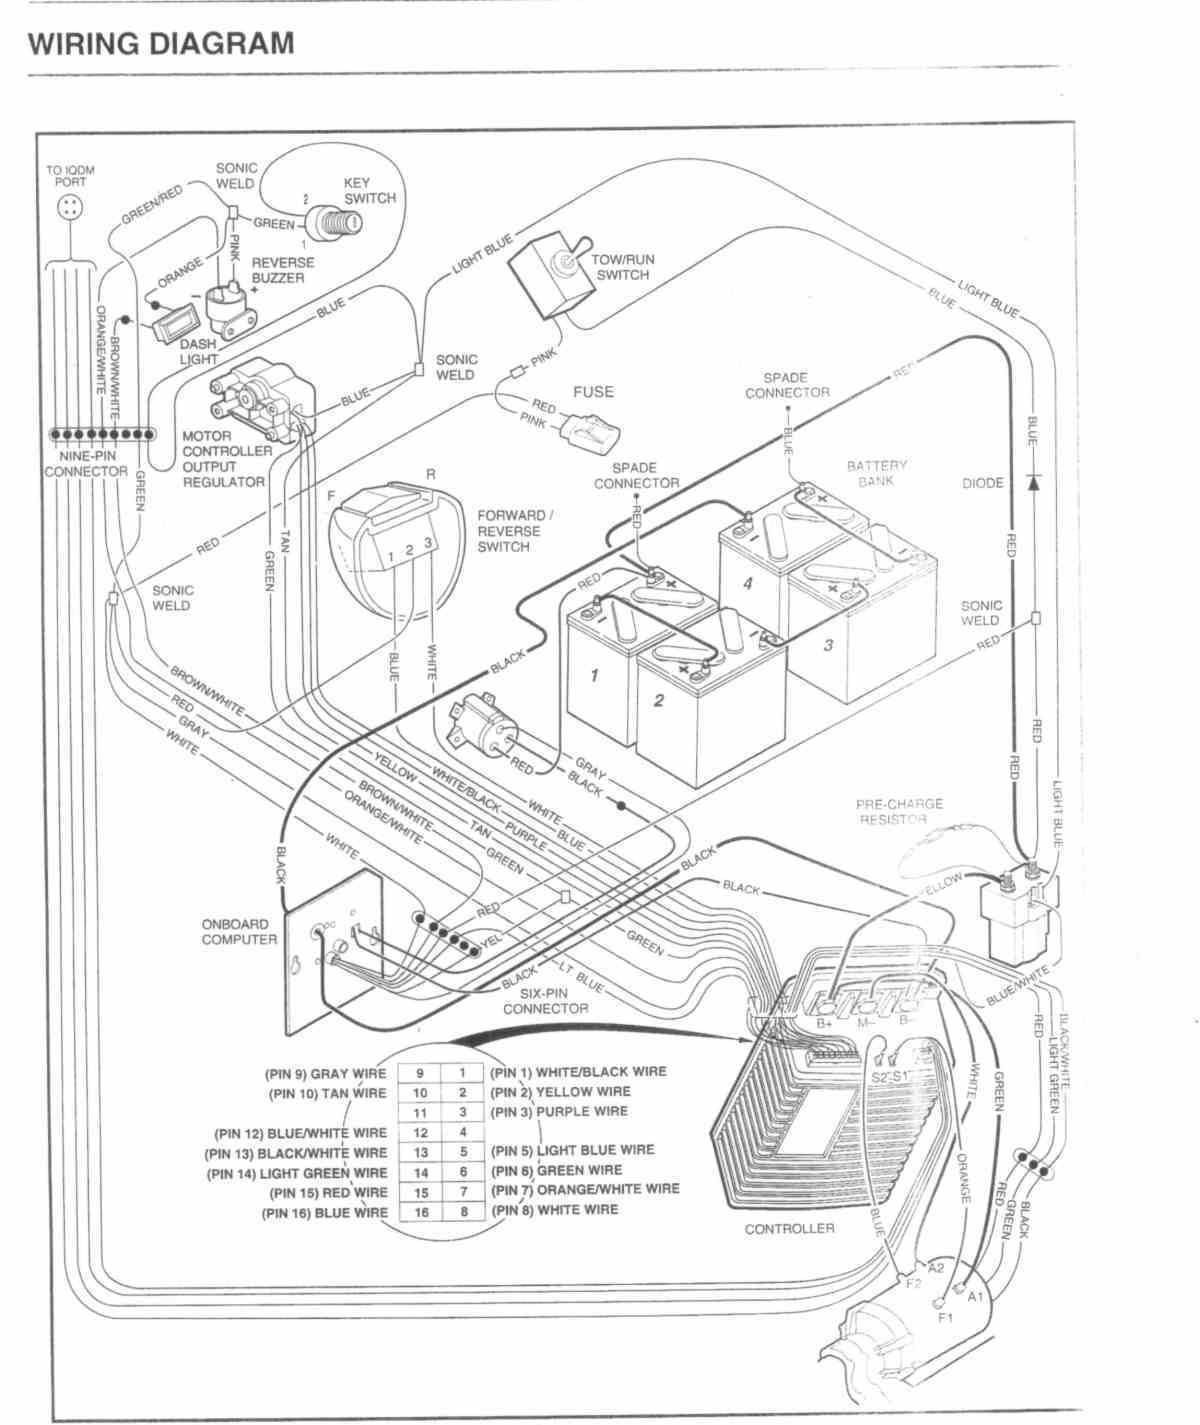 84 club car wiring diagram schematic